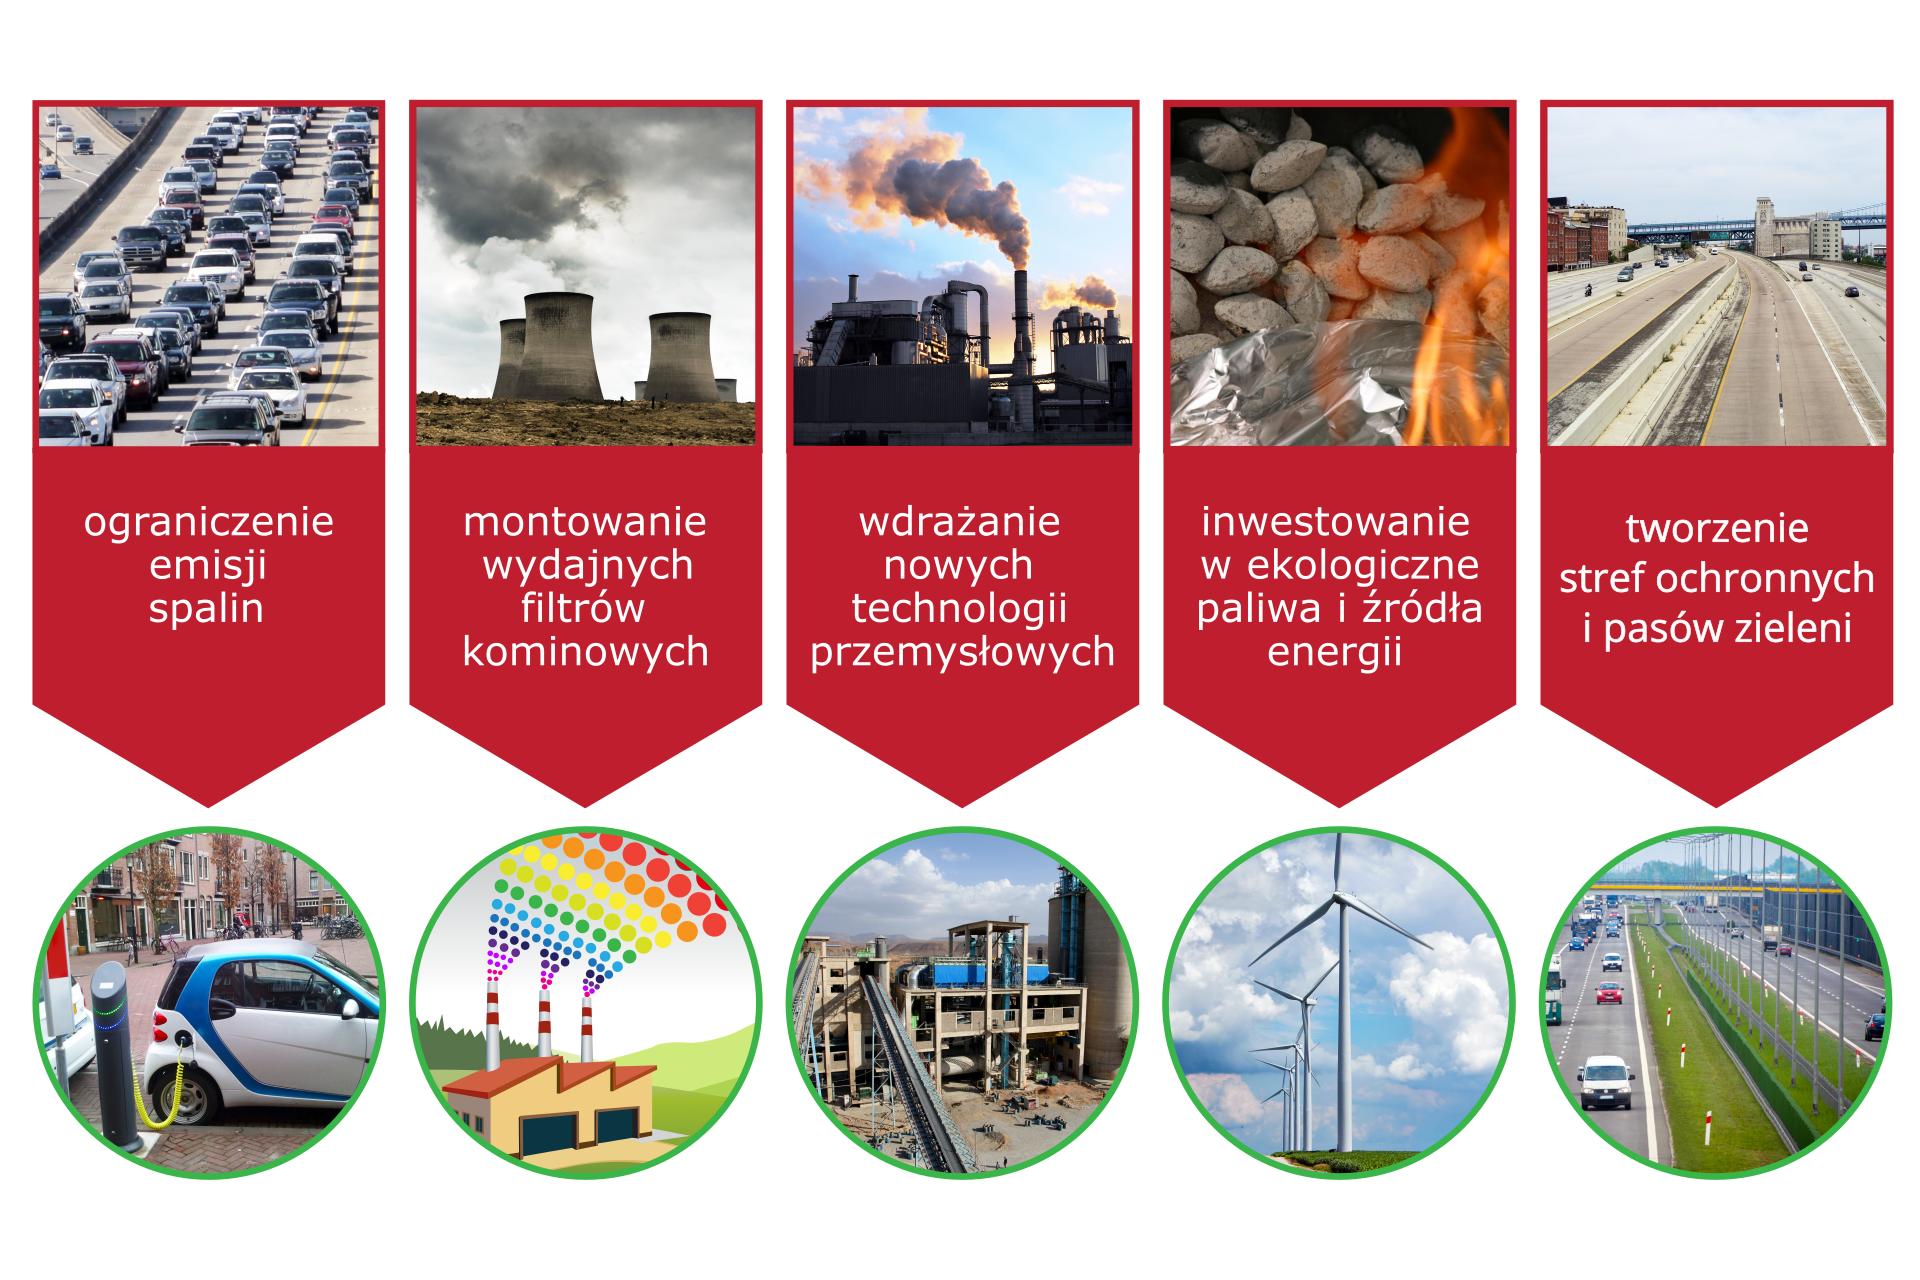 Grafika przedstawiająca źródła, rodzaje iskutki zanieczyszczeń powietrza oraz pokazująca sposób postępowania pozwalający chronić powietrze przed zanieczyszczeniami. Składa się zpięciu kolumn, wkażdej znajdują się dwa zdjęcia lub zdjęcie iilustracja: górne ilustrujące problem od którego biegnie wdół czerwona strzałka znapisem przedstawiającym kierunek działań oraz dolne zdjęcie lub ilustracja stanowiąca przykład rozwiązania problemu. Sposoby postępowania mające na celu ochronę powietrza to, licząc od lewej: ograniczenie emisji spalin, montowanie wydajnych filtrów kominowych, wdrażanie nowych technologii przemysłowych, inwestowanie wekologiczne paliwa iźródła energii oraz powstawanie stref ochronnych ipasów zieleni.